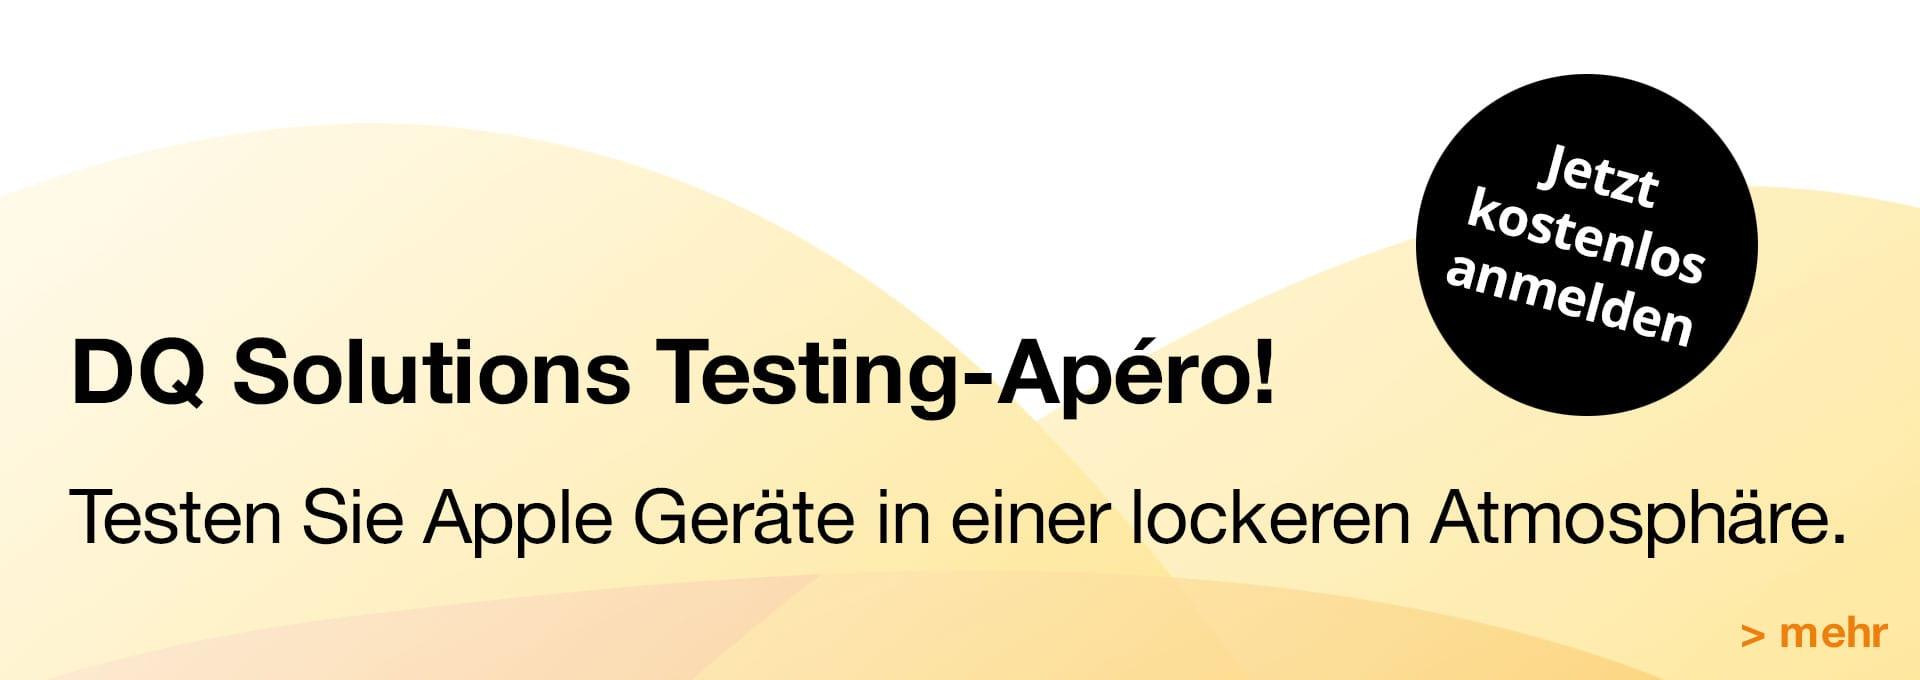 DQ Testing Apéro